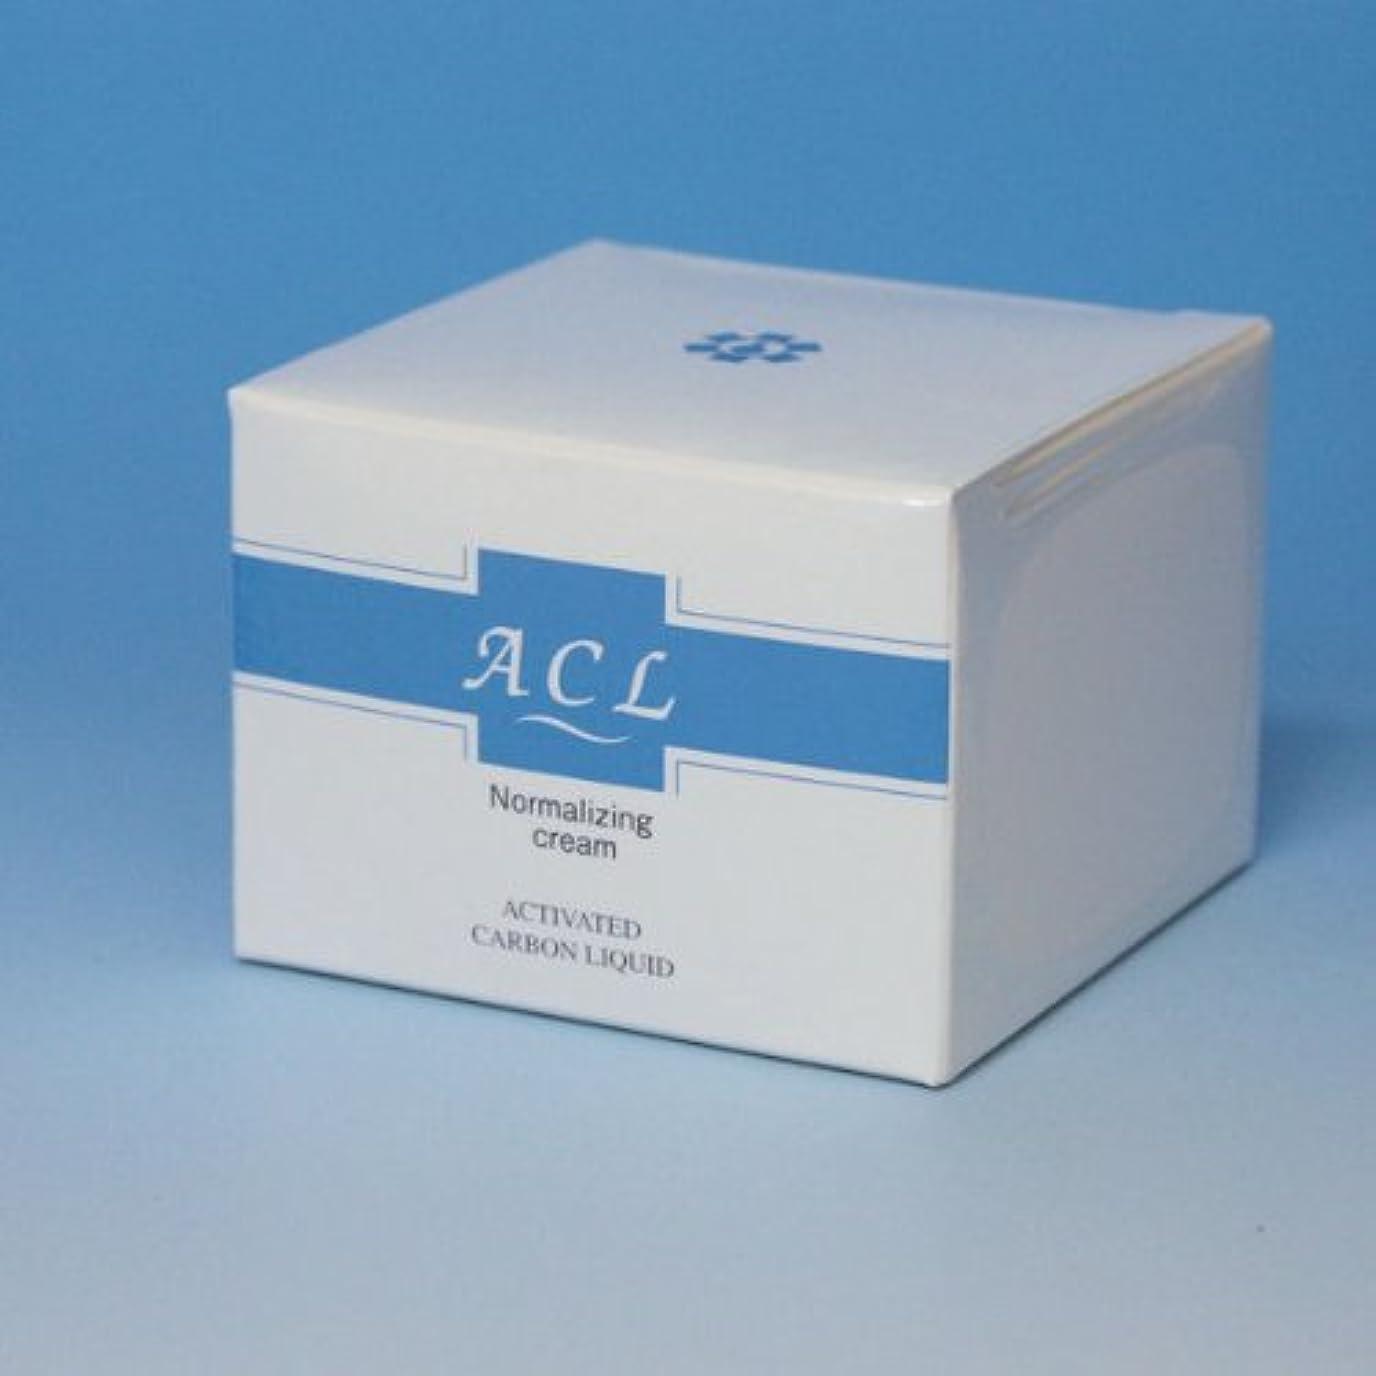 宣言する遠近法拒否【日邦薬品】ACLノーマライジングクリーム 30g